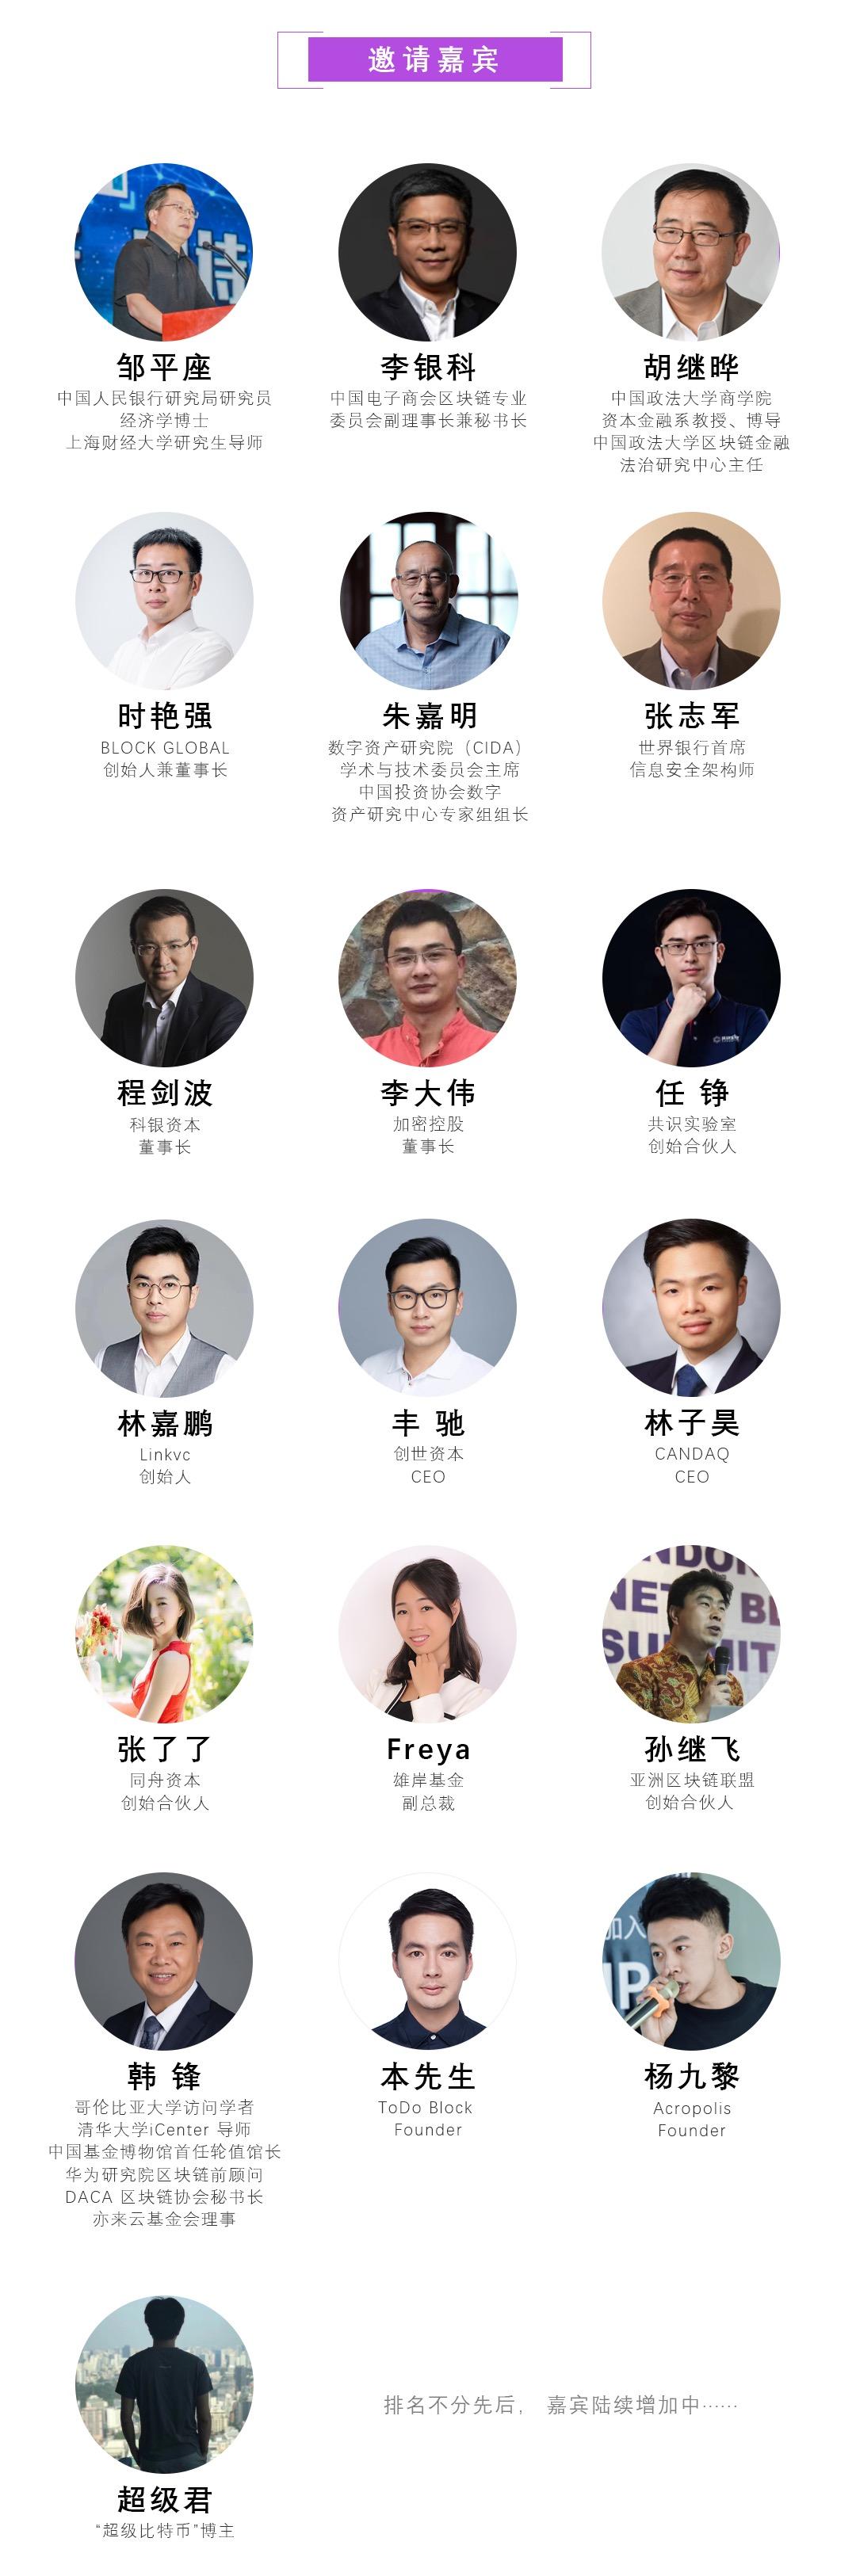 CR先锋资讯双周报 2020-10-09